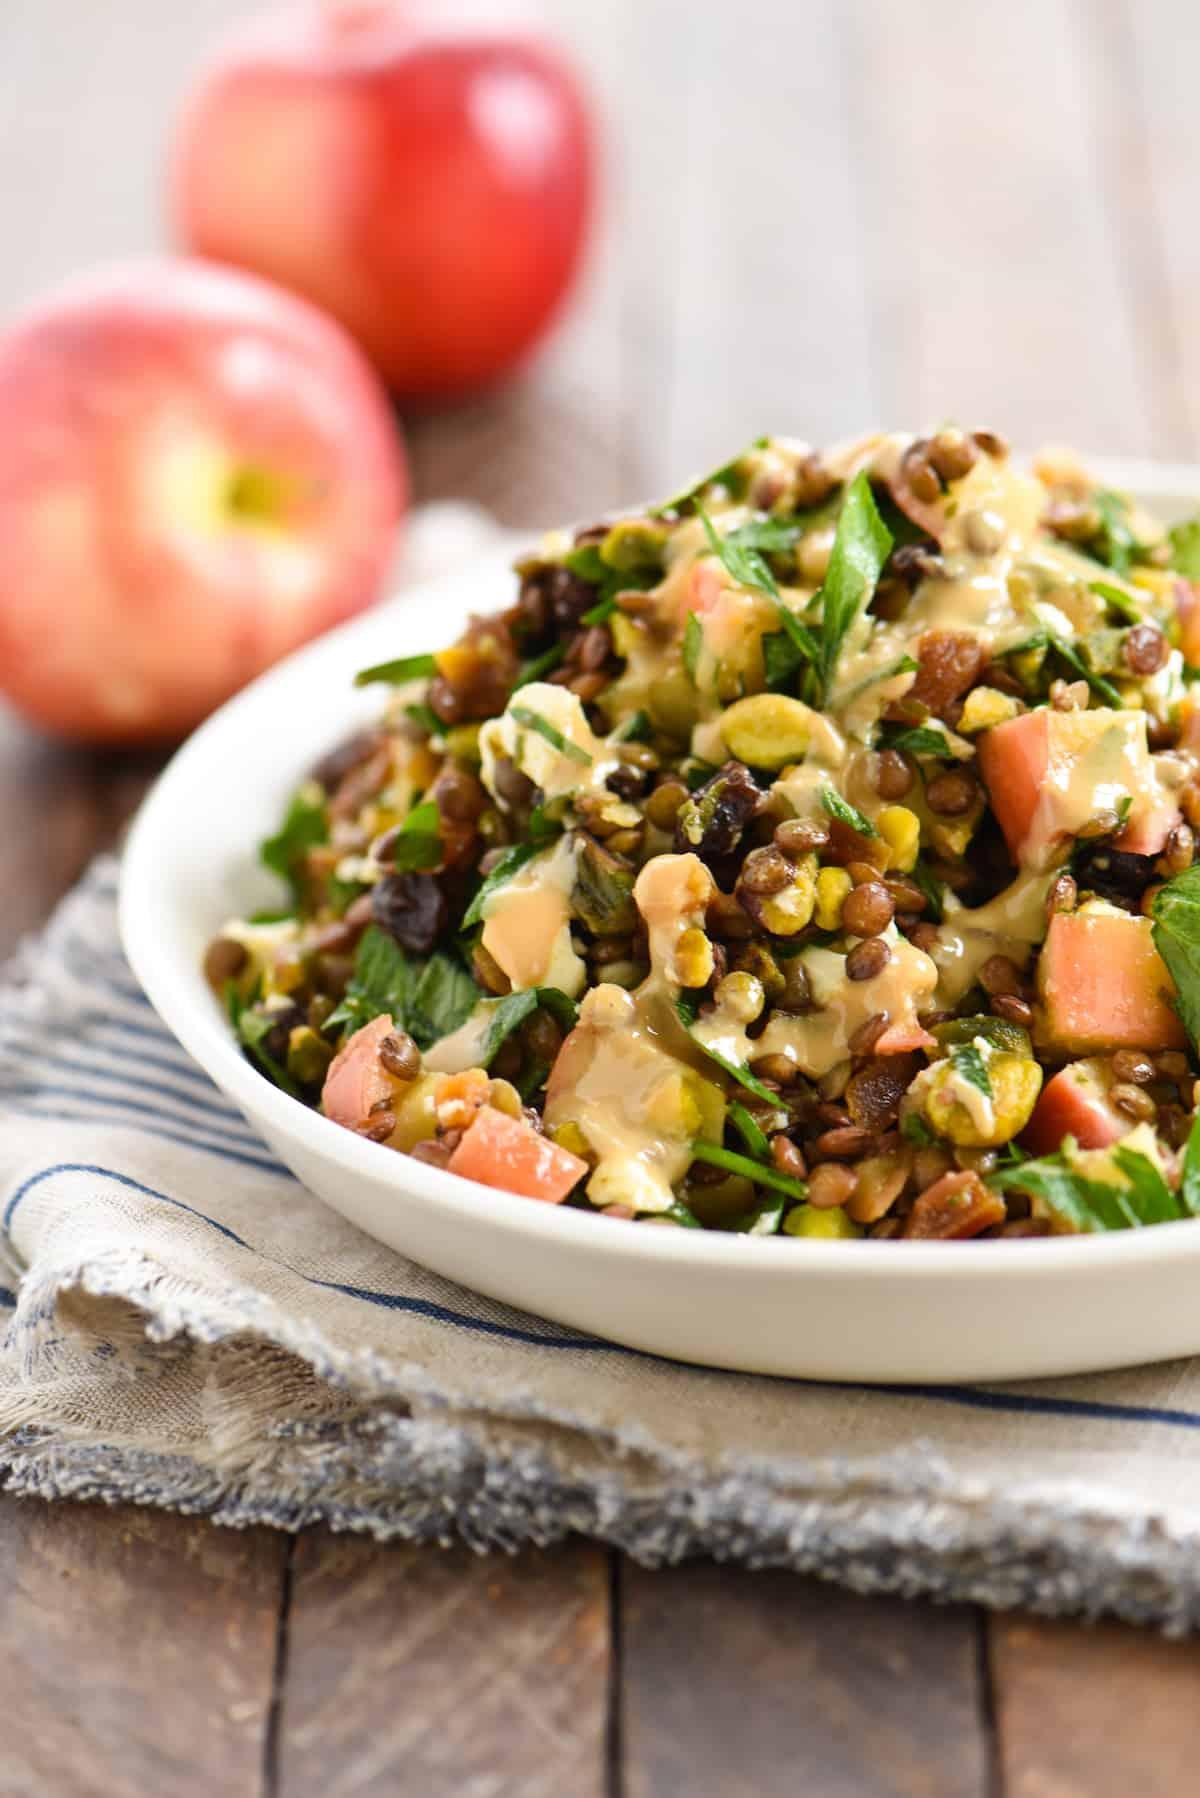 Warm Sautéed Apple & Lentil Salad - A Middle-Eastern inspired vegetarian side dish packed with flavor! | foxeslovelemons.com